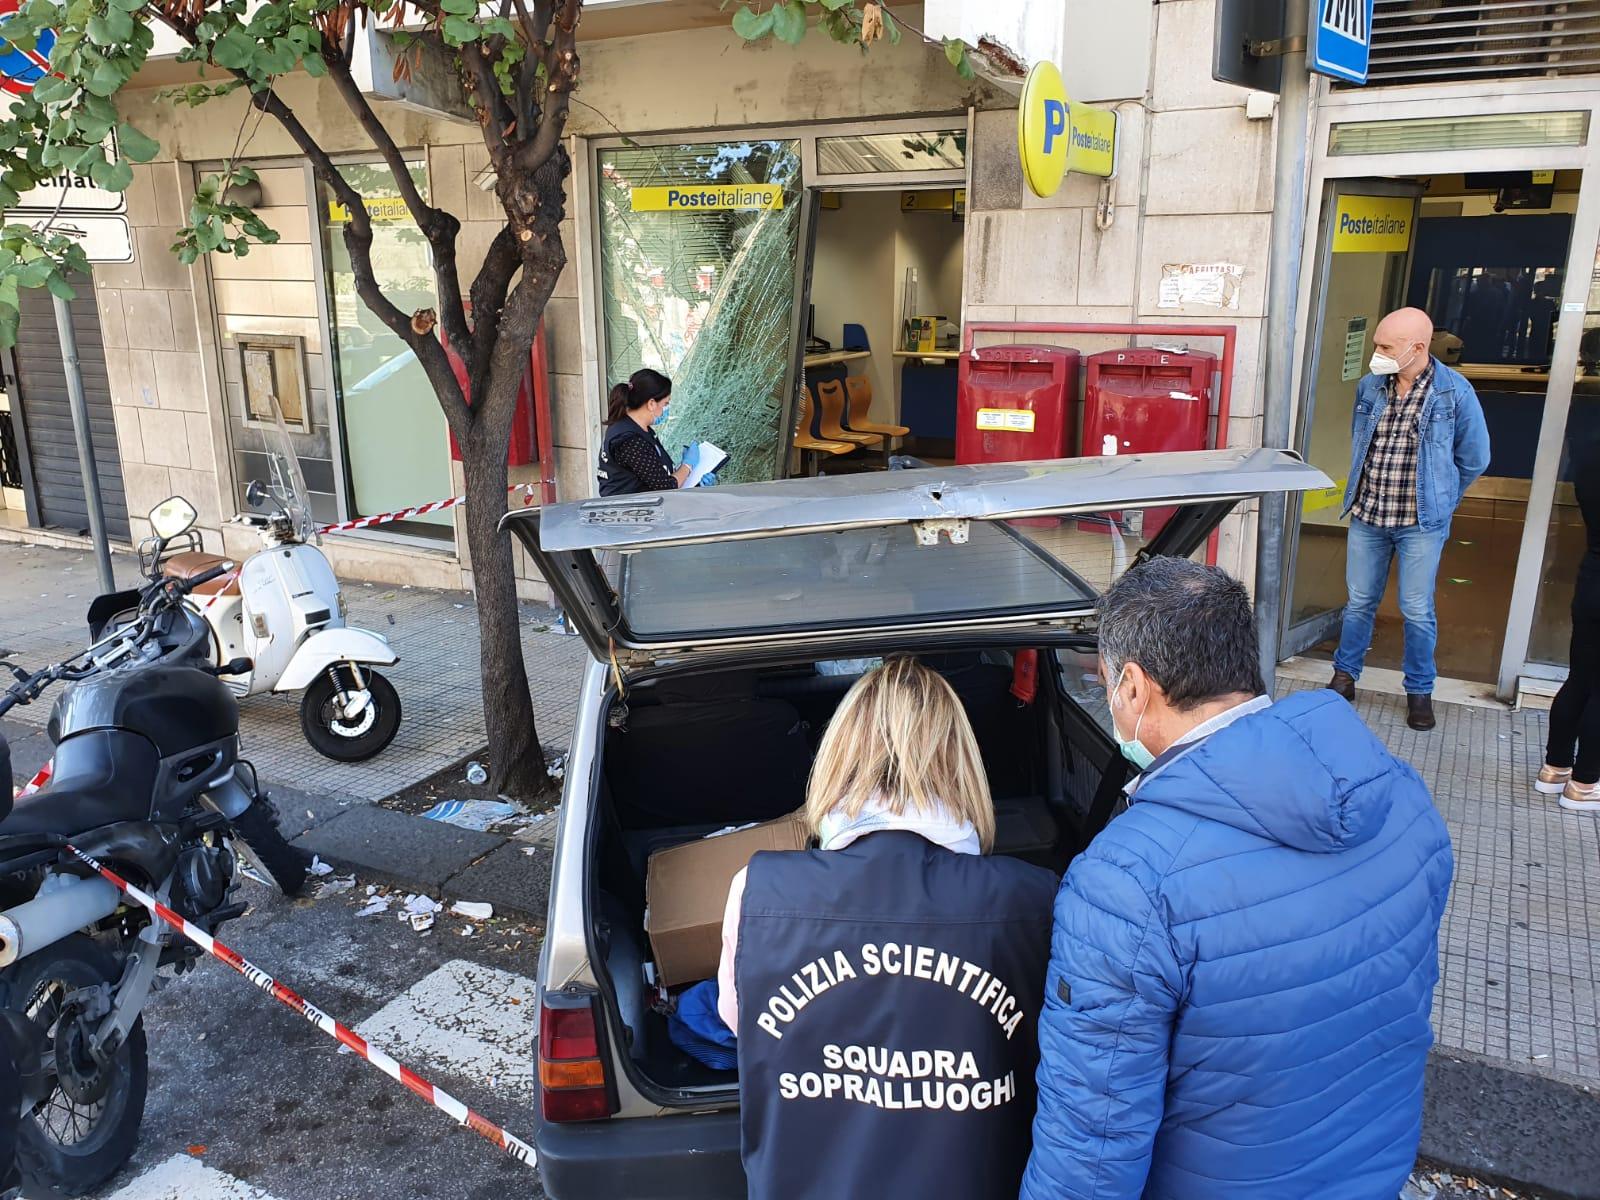 Rocambolesca rapina alla Posta, i banditi sfondano vetrata con l'auto